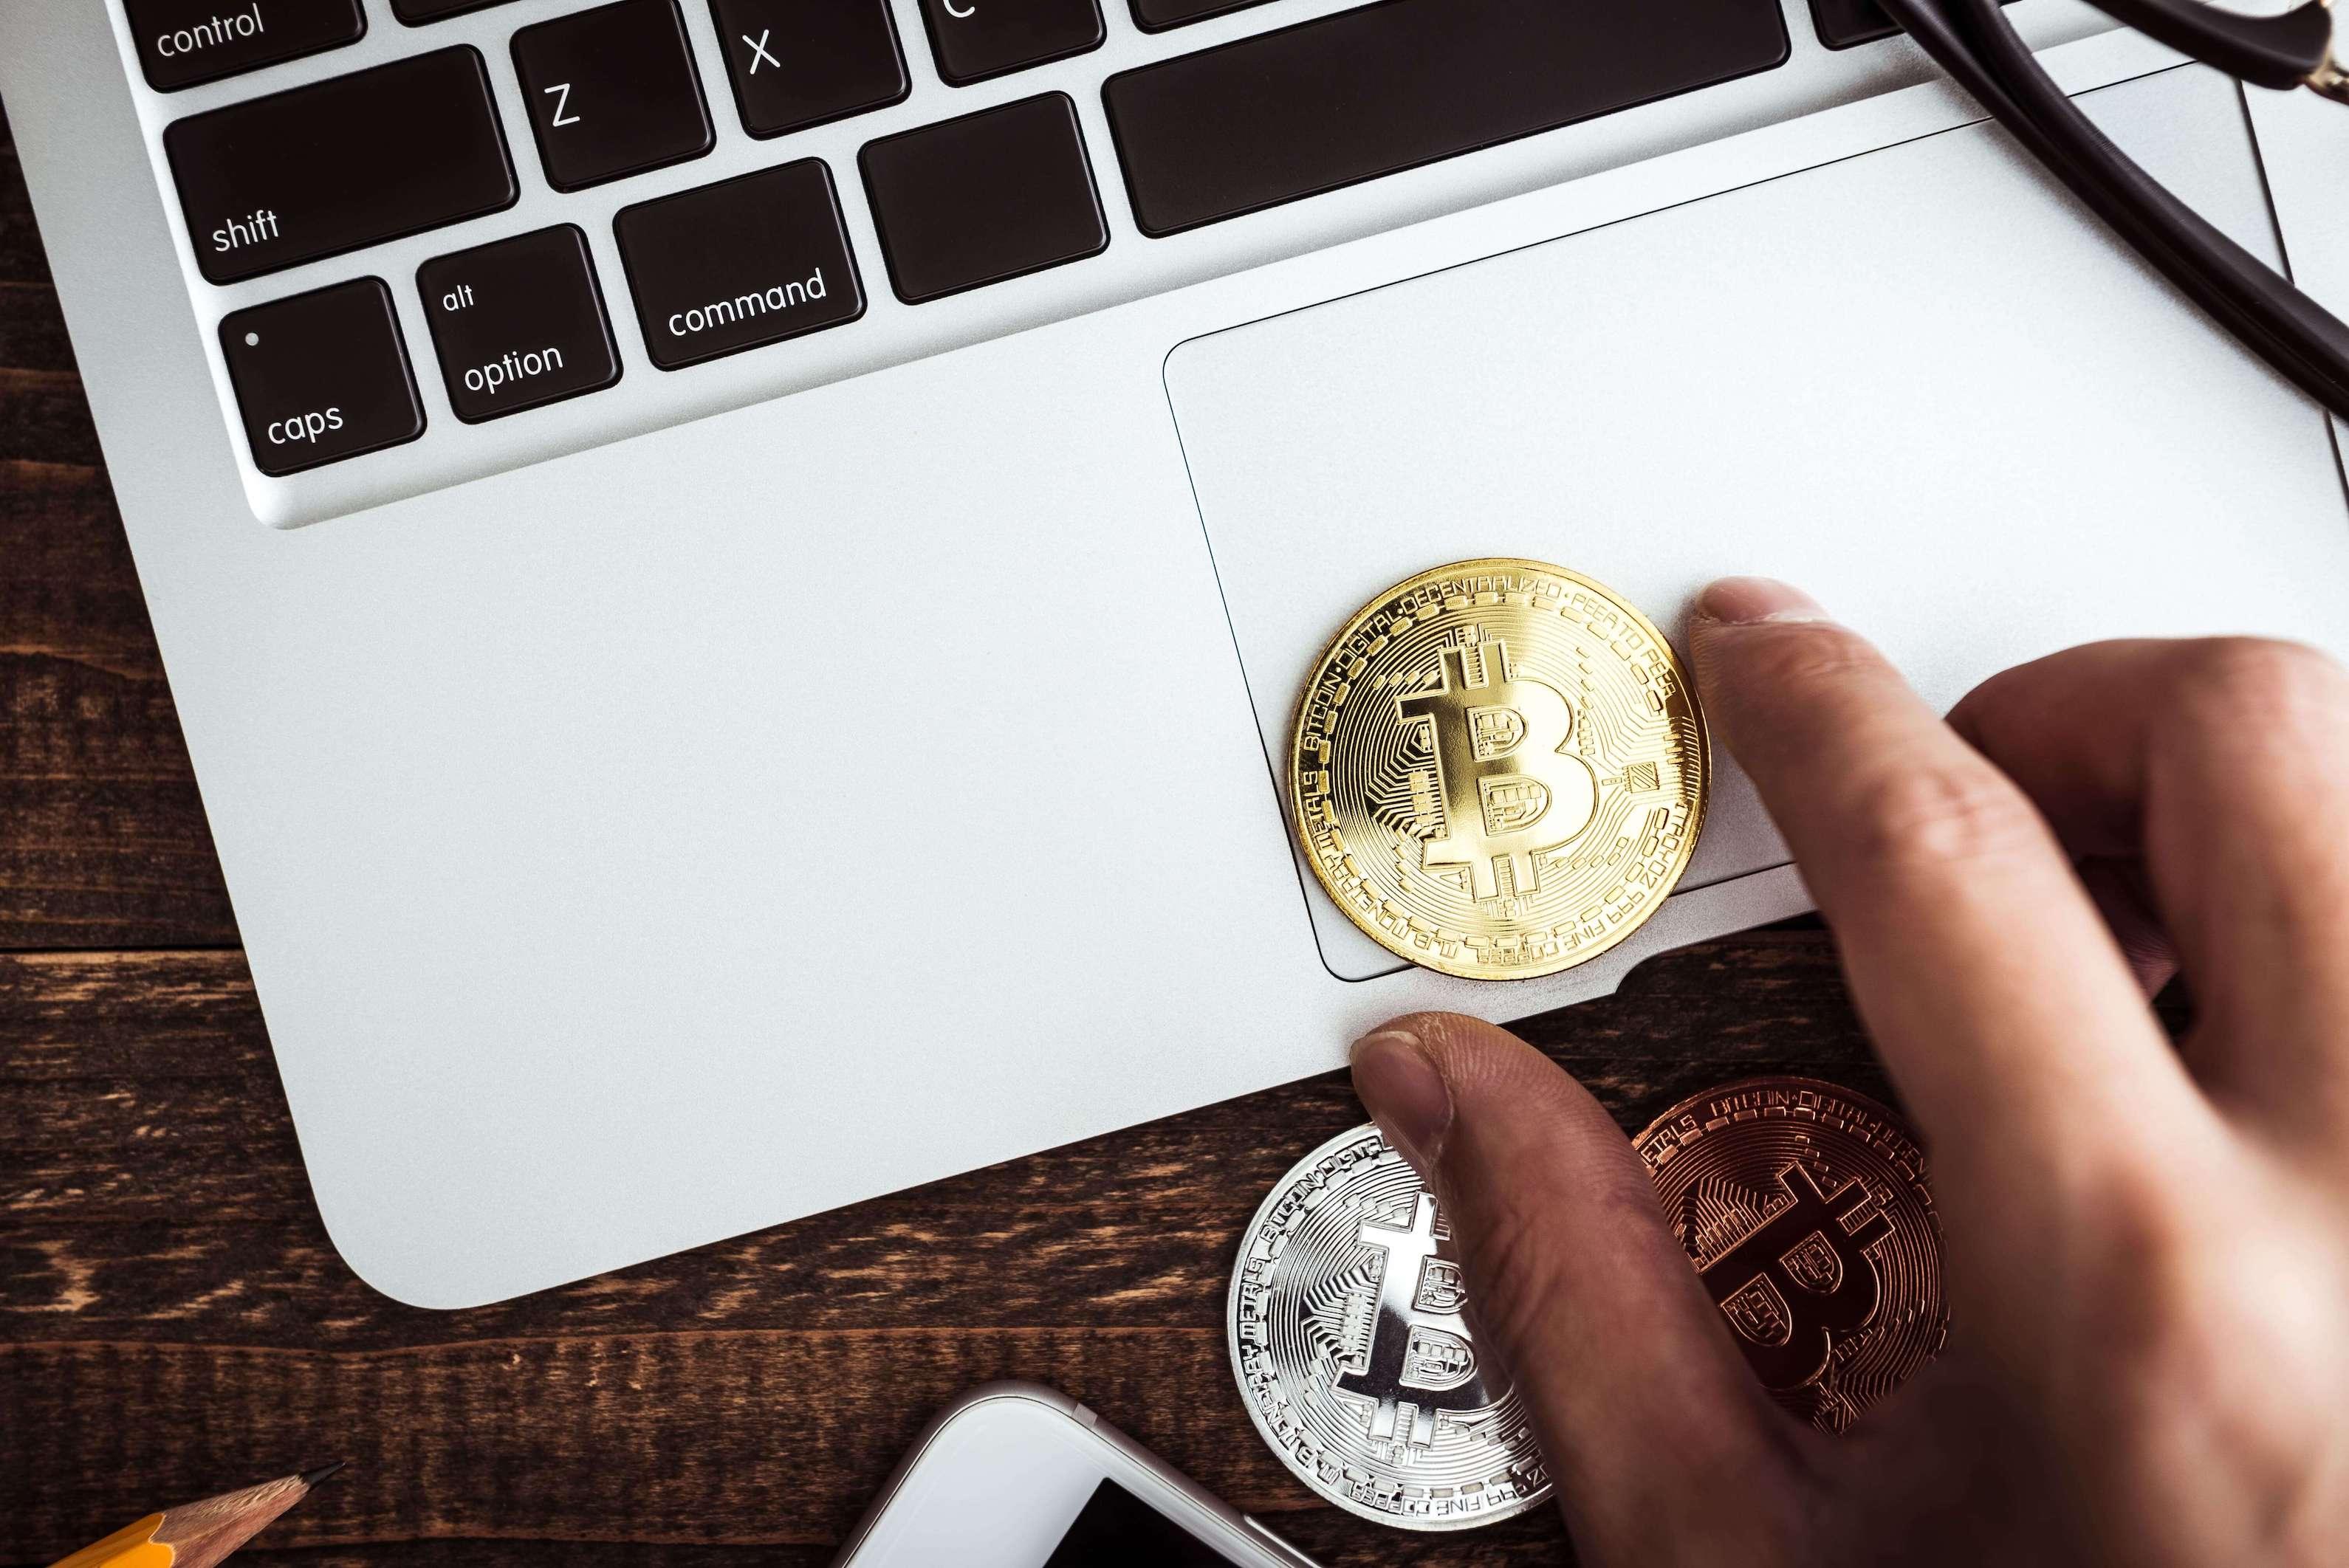 仮想通貨の取引所の選び方のポイントを初心者に解説